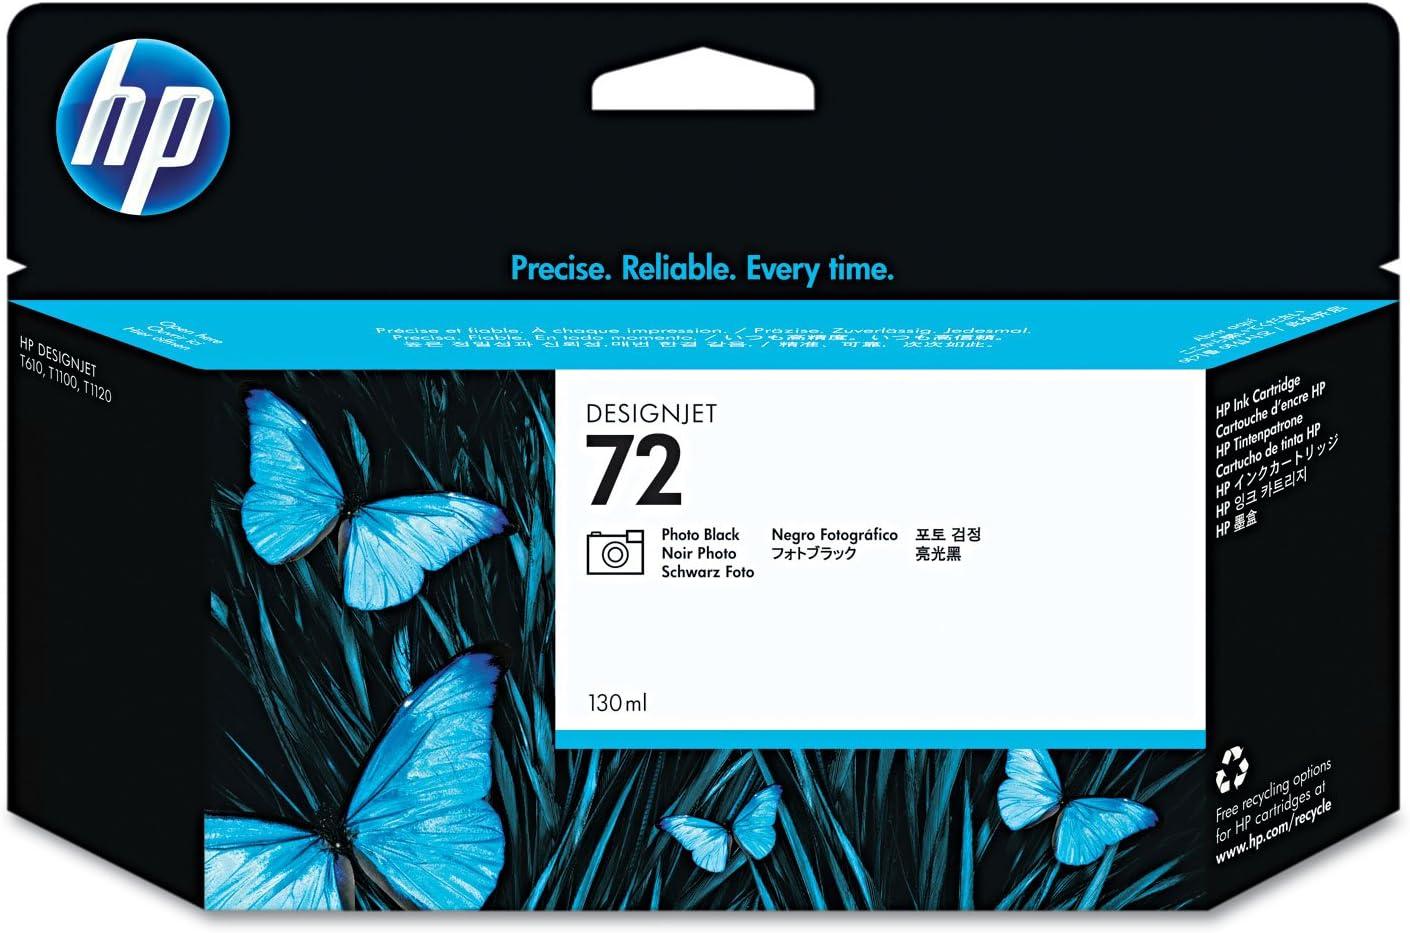 C9370A HP Designjet T1100 Cartucho de Tinta foto negro: Amazon.es: Oficina y papelería